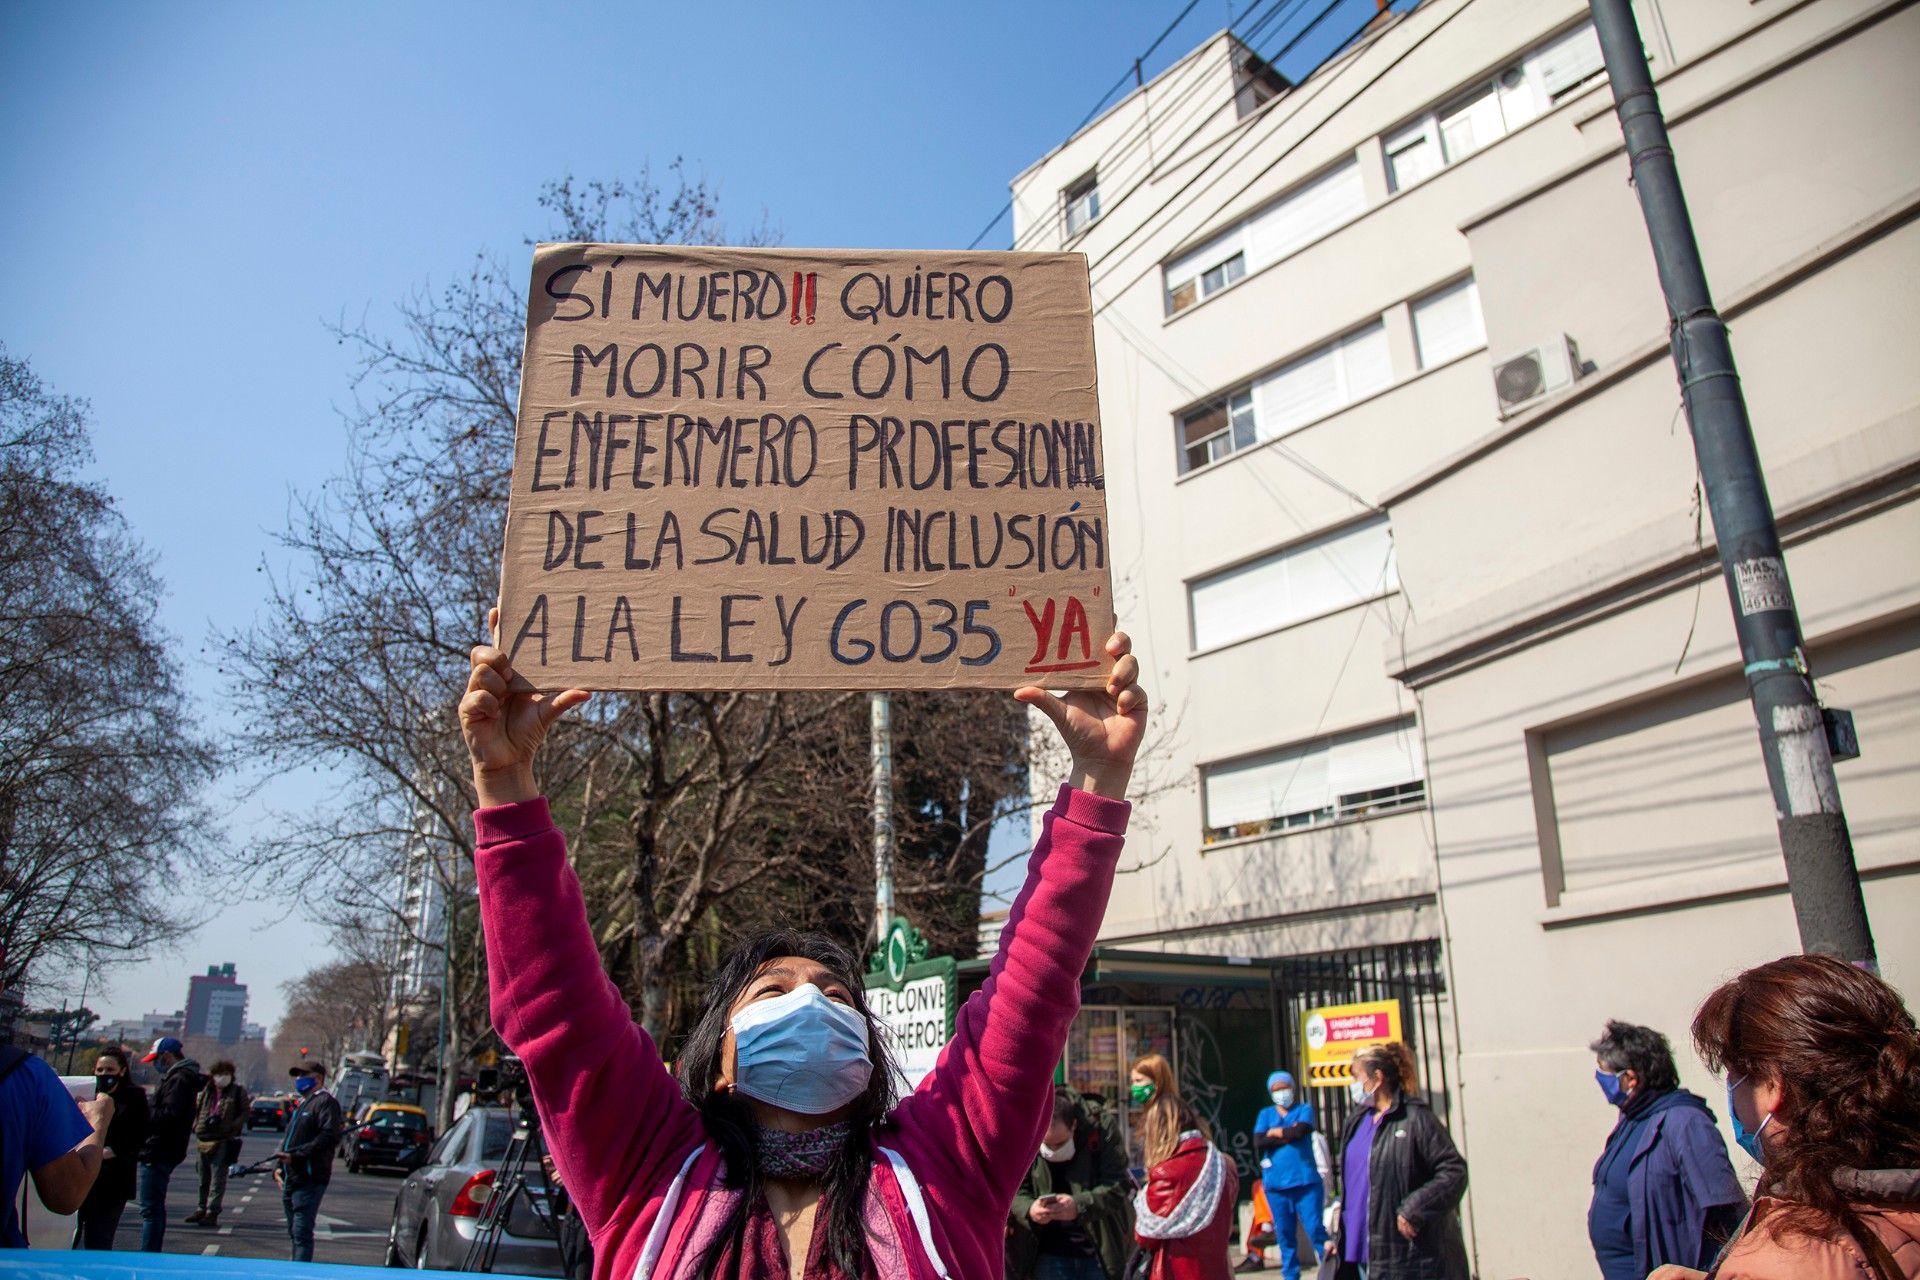 Las enfermeras y enfermeros, quienes están desde hace seis meses en la primera línea, ni siquiera son considerados personal de salud por el Gobierno porteño / Foto: Eleonora Ghioldi